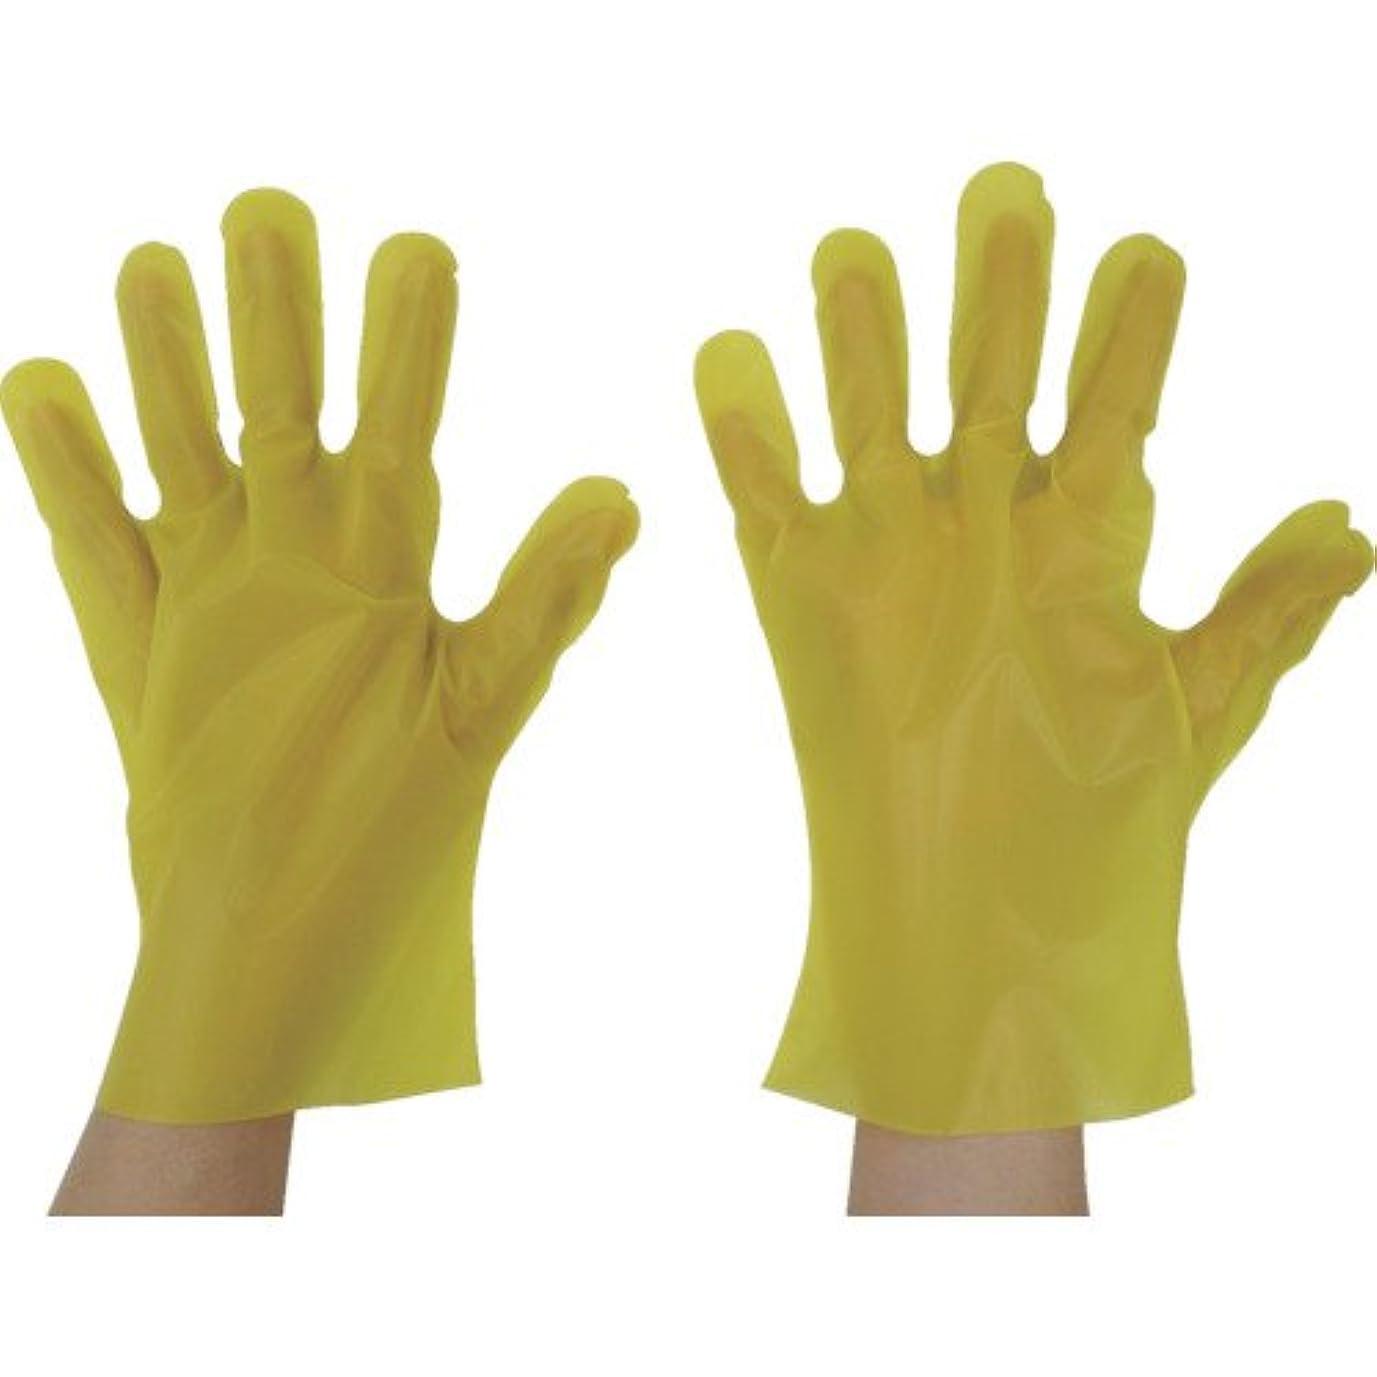 東京パック エンボス手袋五本絞りエコノミー化粧箱L イエロー(入数:200枚) YEK-L